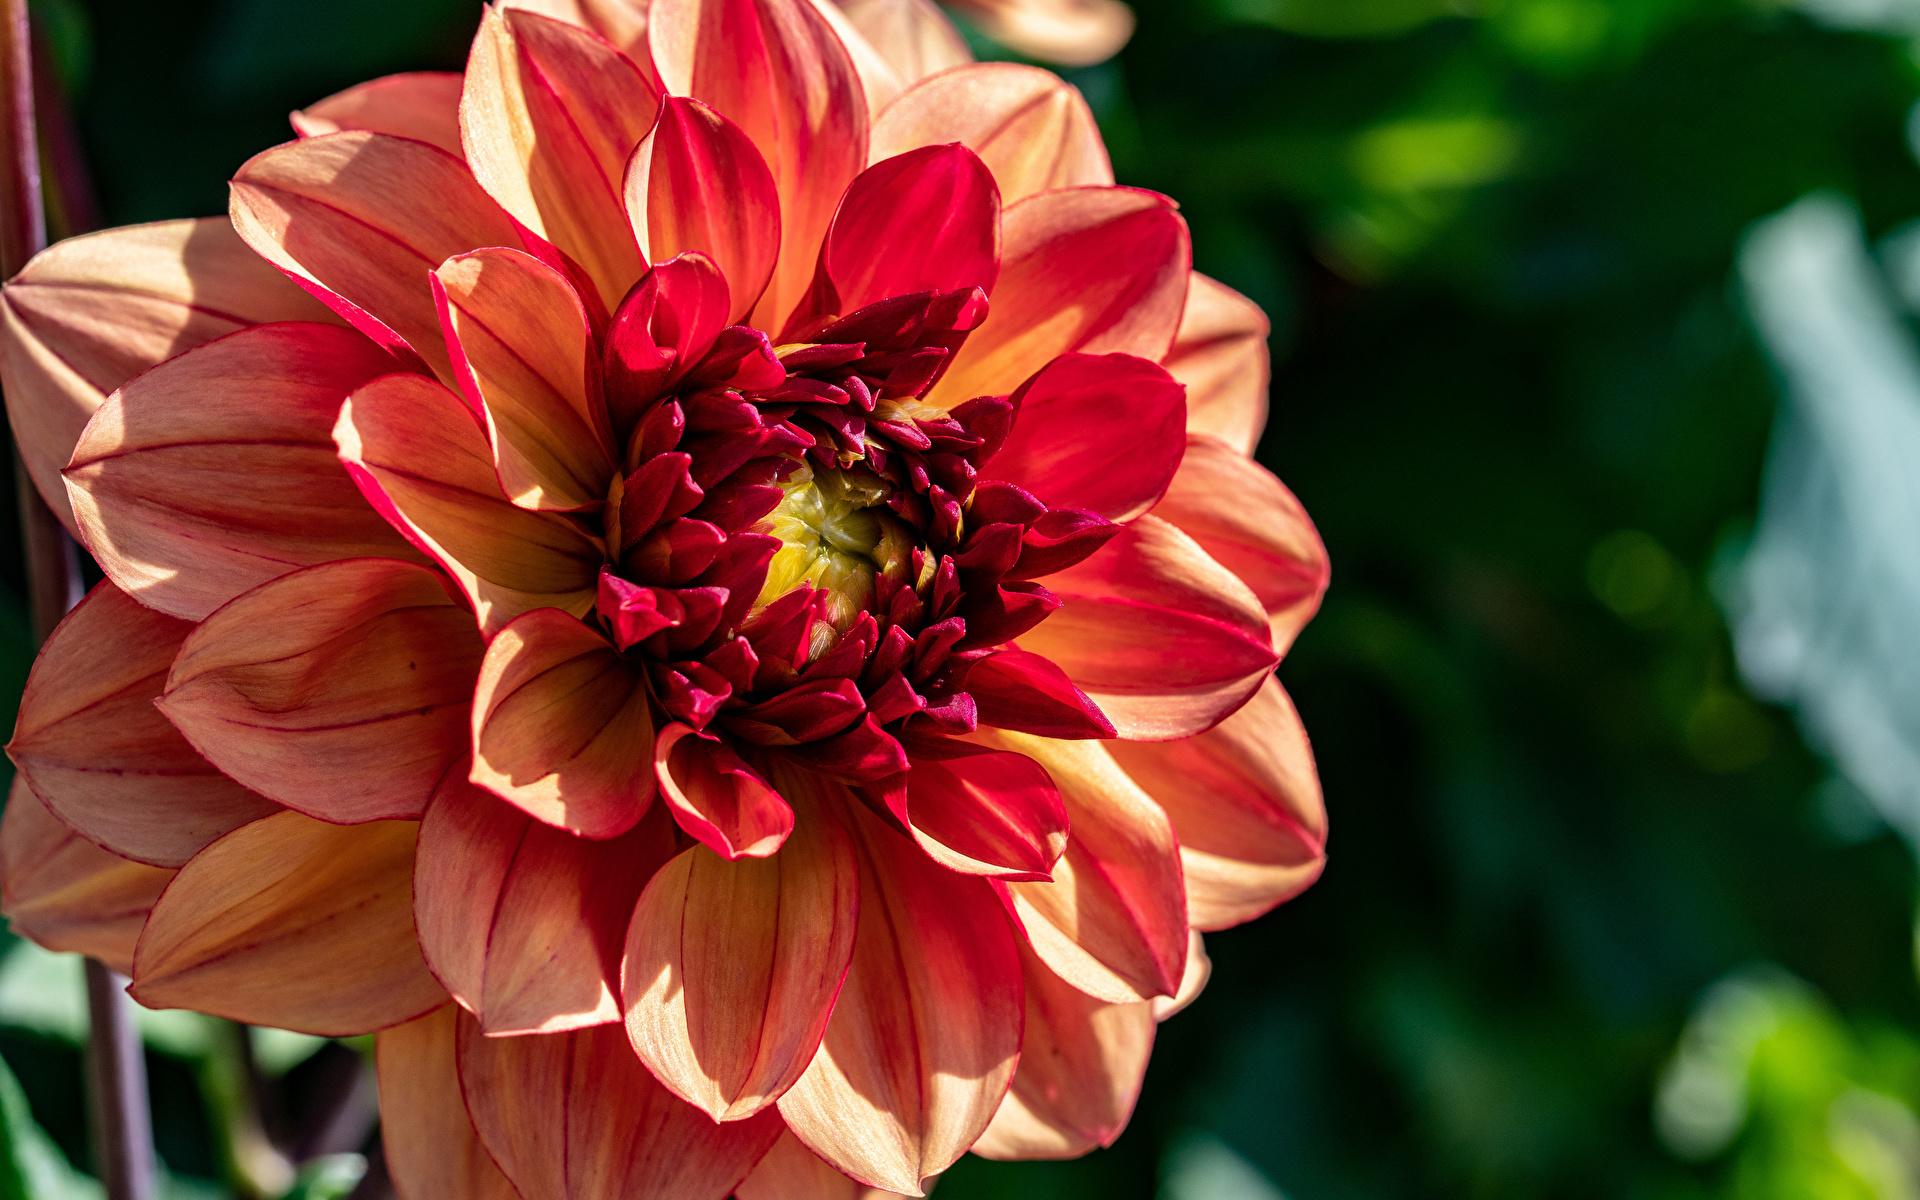 Картинка боке цветок Георгины Крупным планом 1920x1200 Размытый фон Цветы вблизи